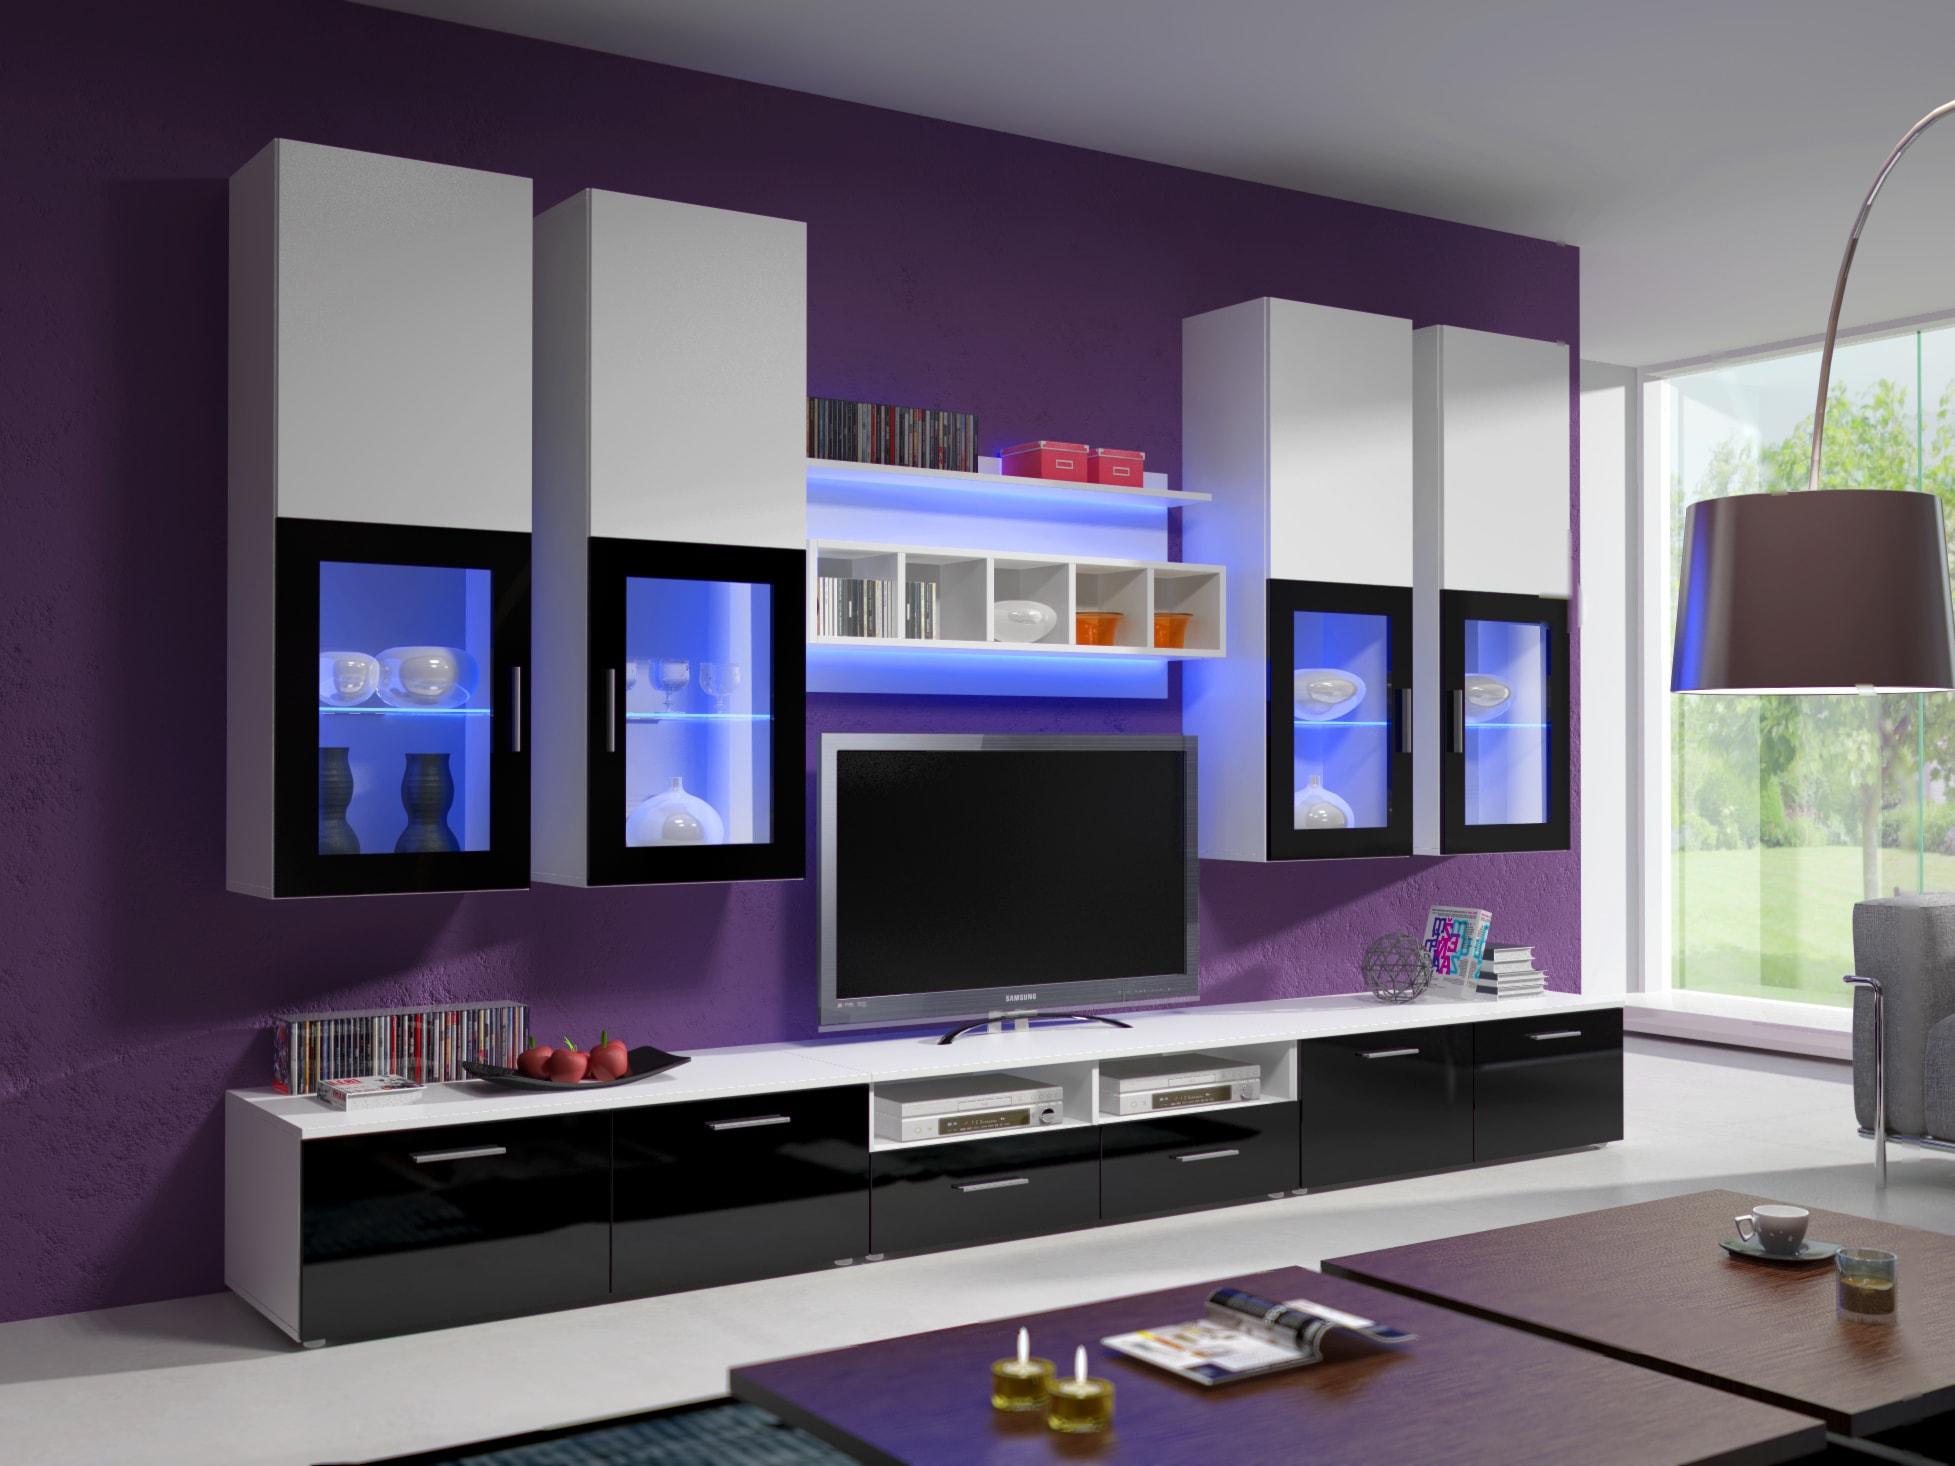 Obývací stěna - Aston 1 (bílá + černá) (s osvětlením)